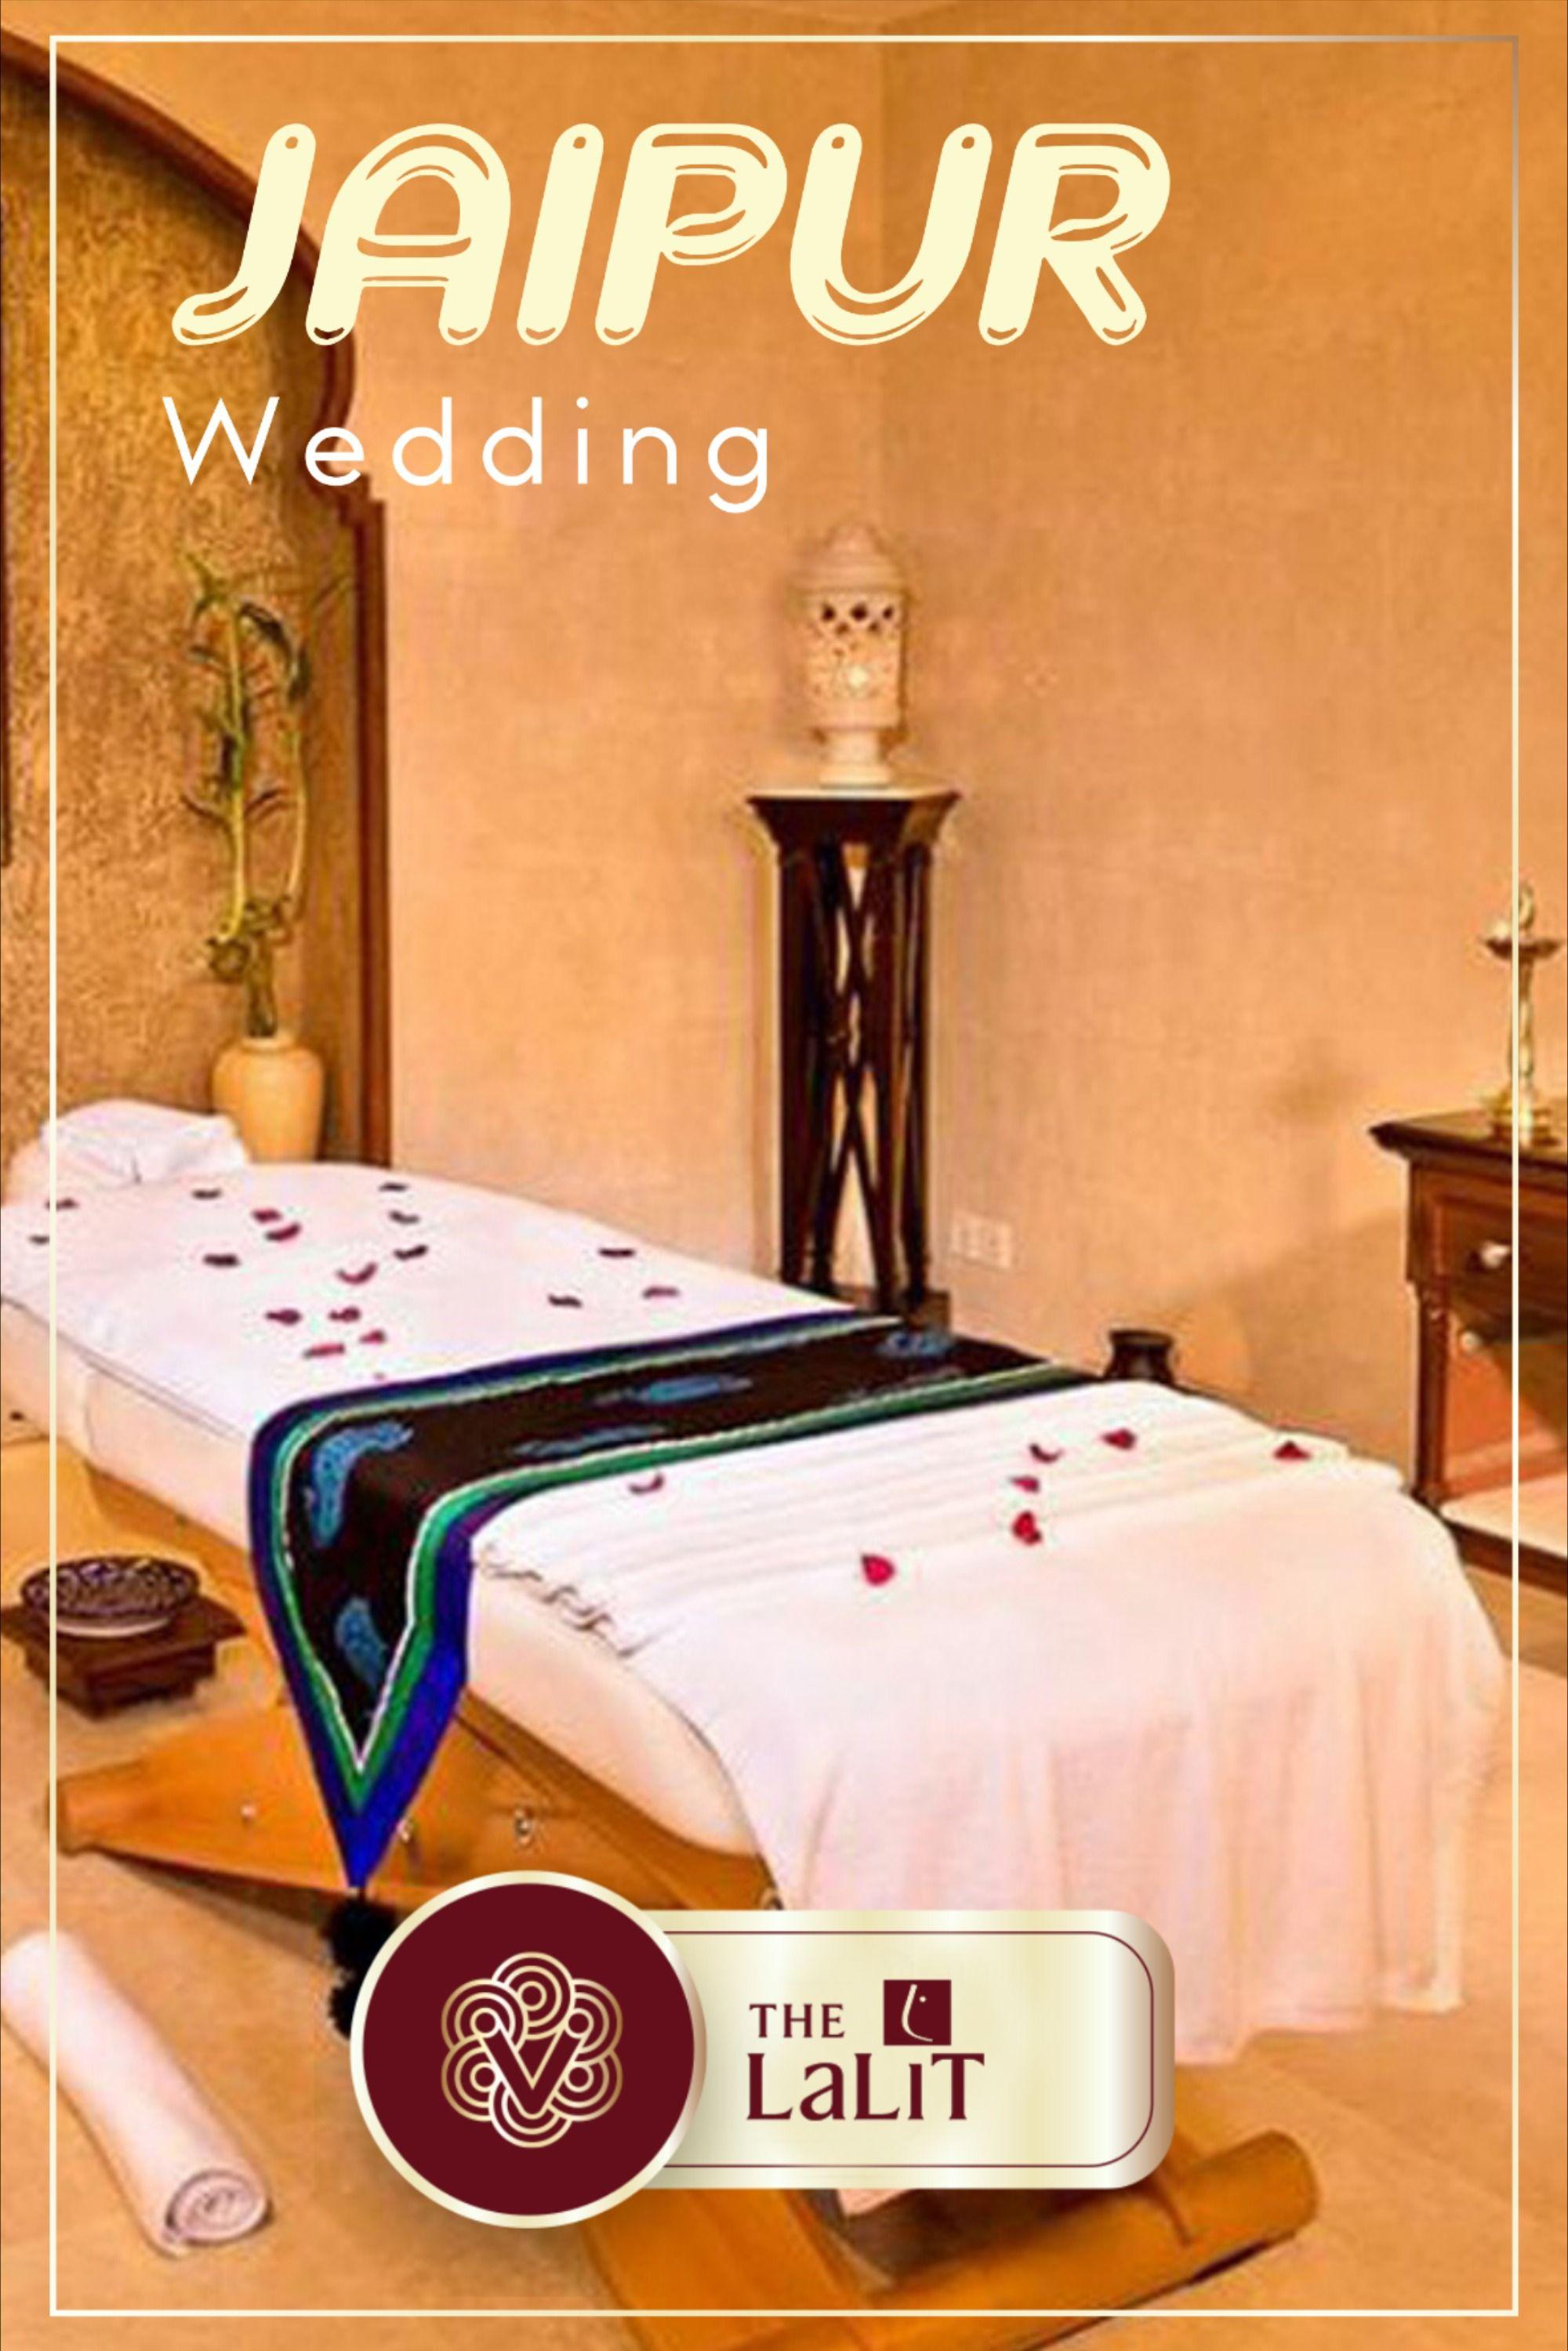 Pin On Jaipur Wedding Hotels